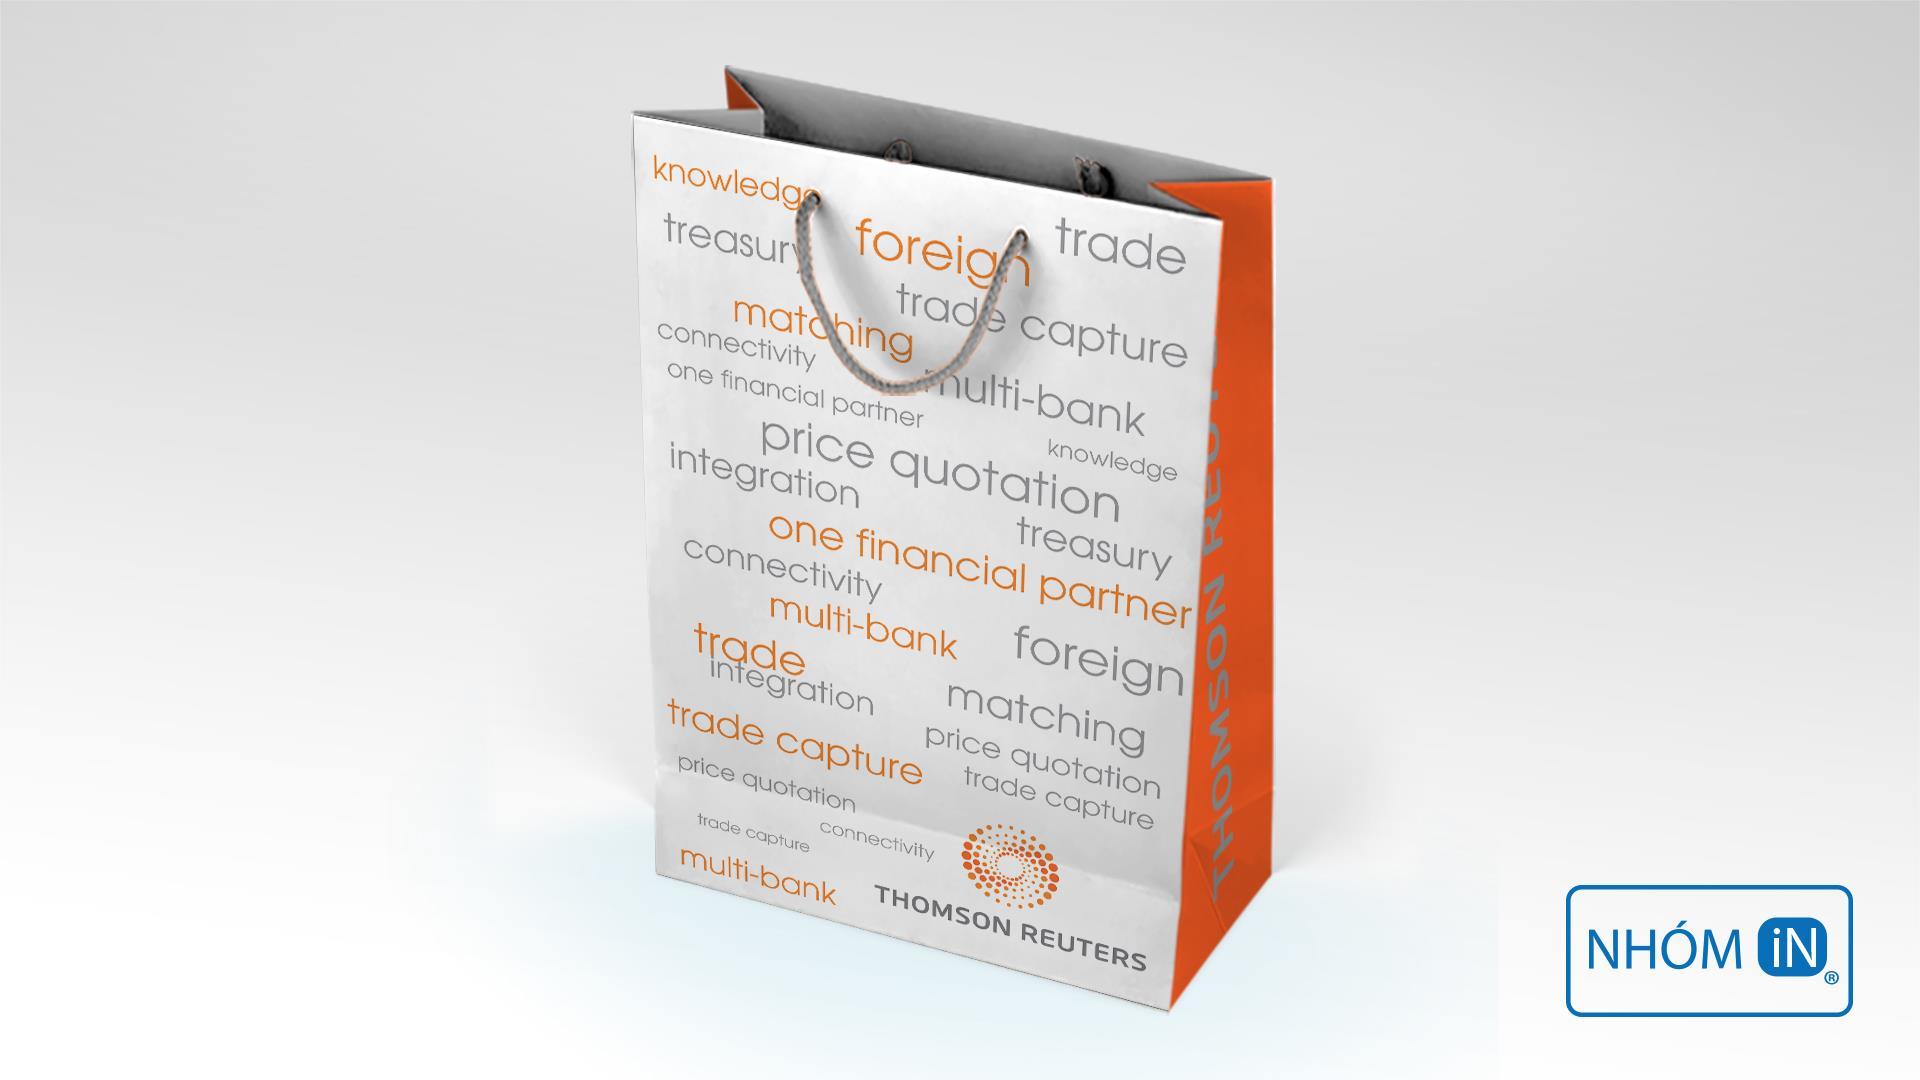 Chúng tôi chuyên thiết kế túi giấy cực kỳ sáng tạo, bắt mắt phù hợp sản phẩm trẻ trung, năng động